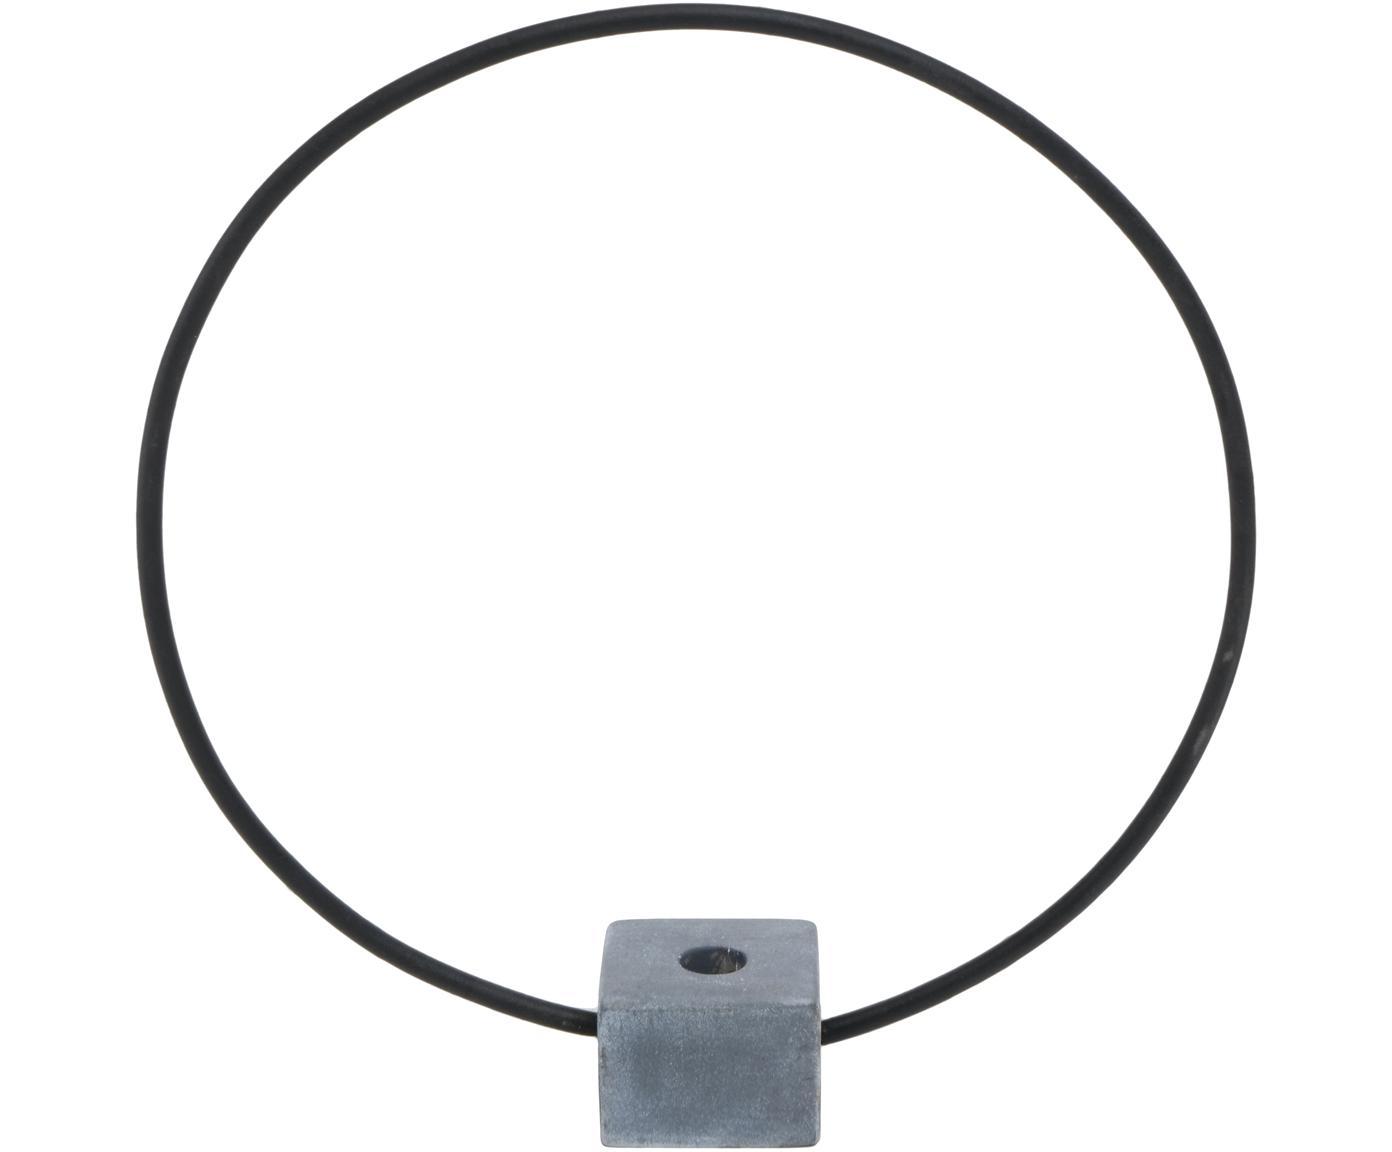 Kandelaar Congo, Metaal, steen, Zwart, grijs, Ø 38 cm